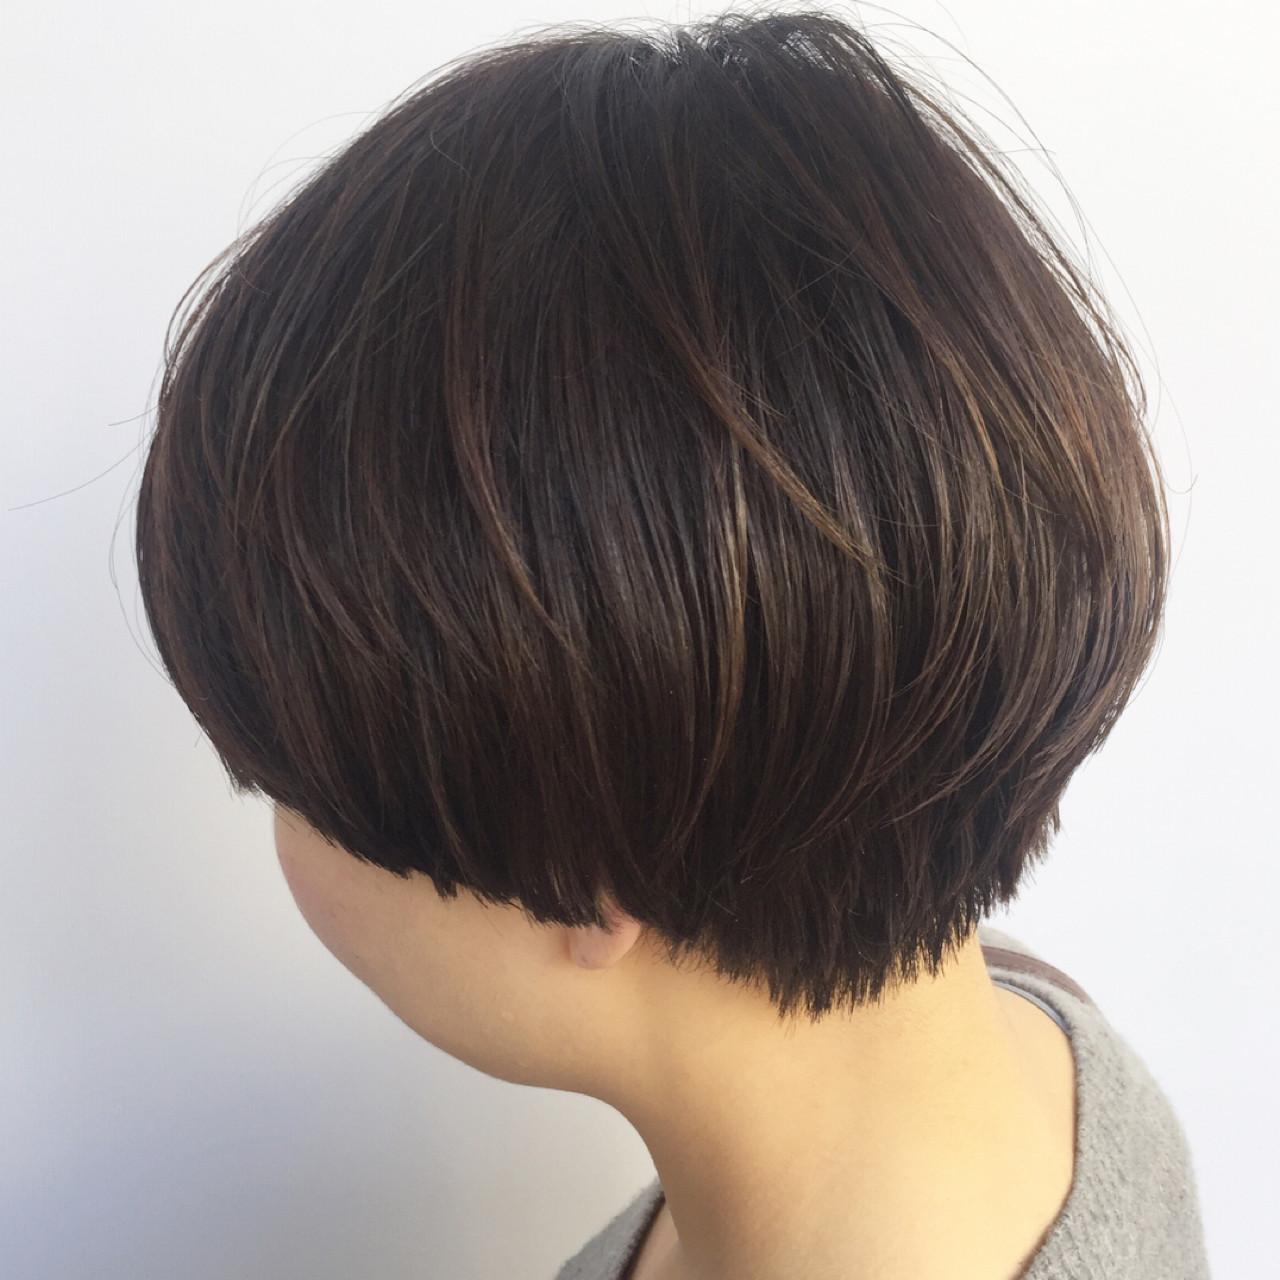 マッシュ ボブ アッシュブラウン ショート ヘアスタイルや髪型の写真・画像